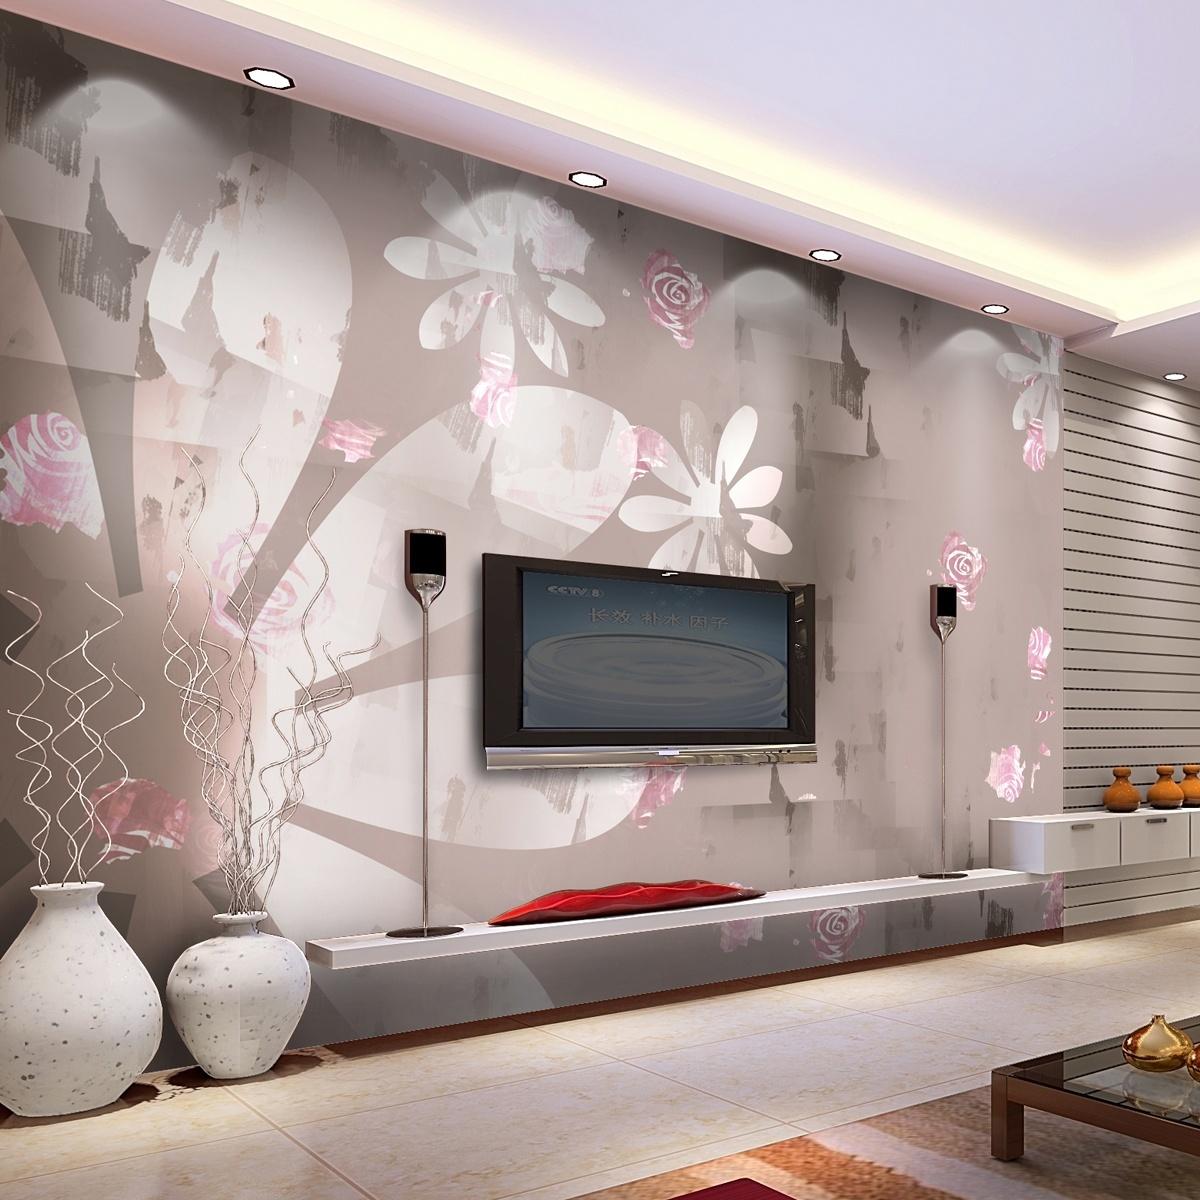 现代客厅电视墙装修效果图大全2013 (2/4)